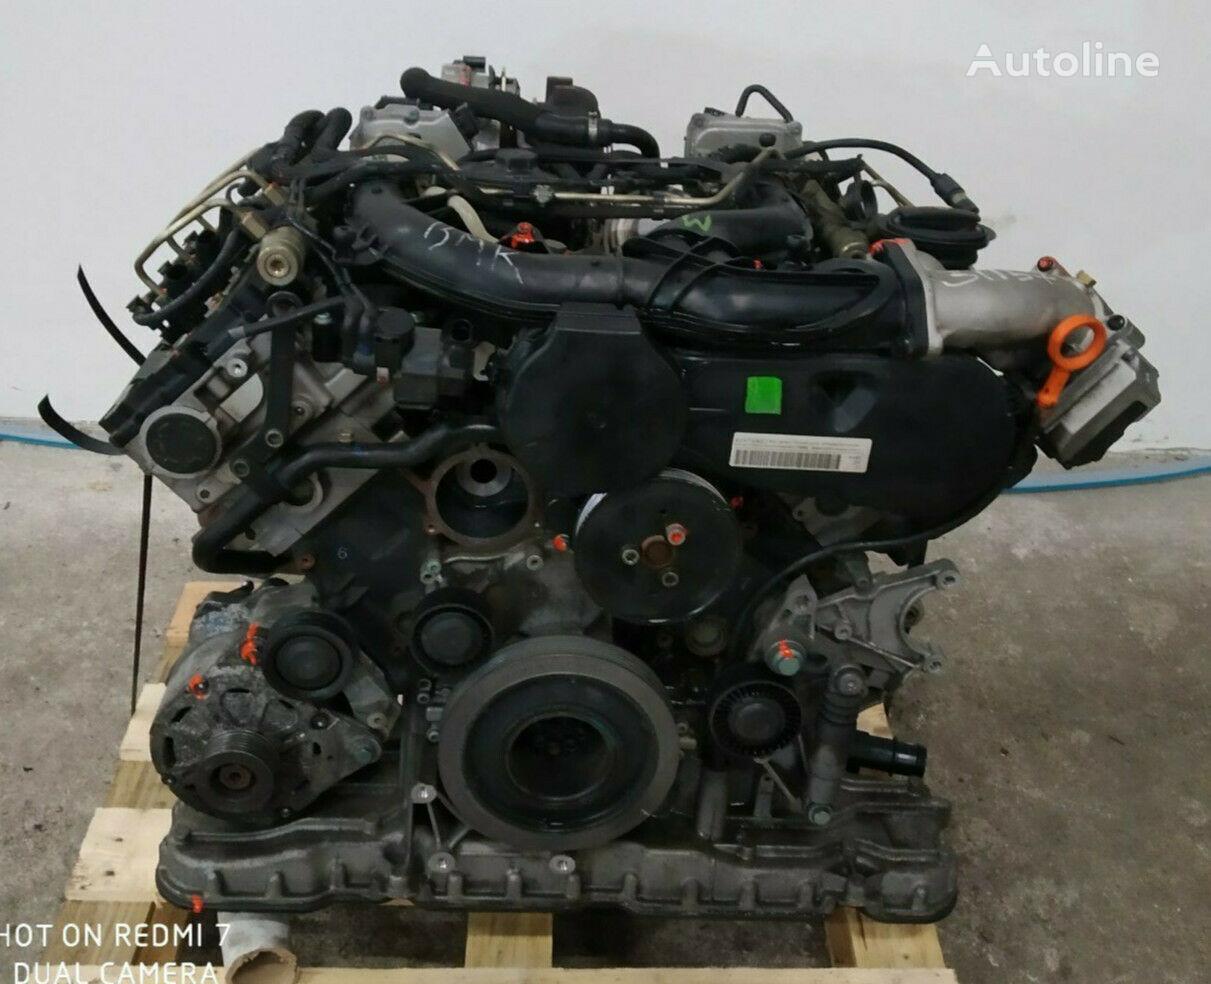 Audi BMK 3.0 TDI A6 VW 224PS motor para Audi A6  coche